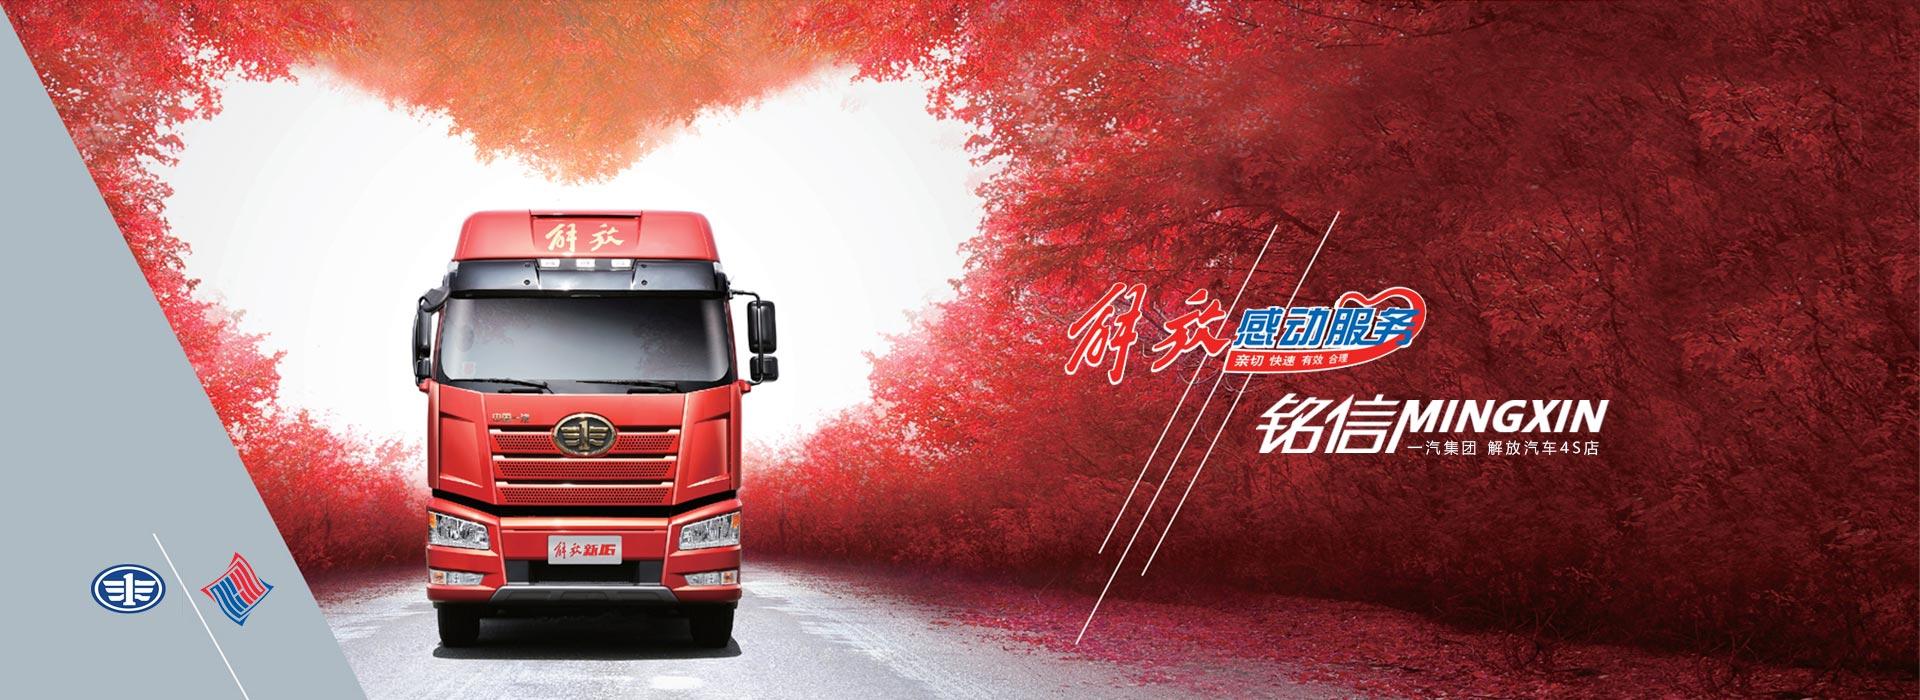 上海铭信汽车4S店